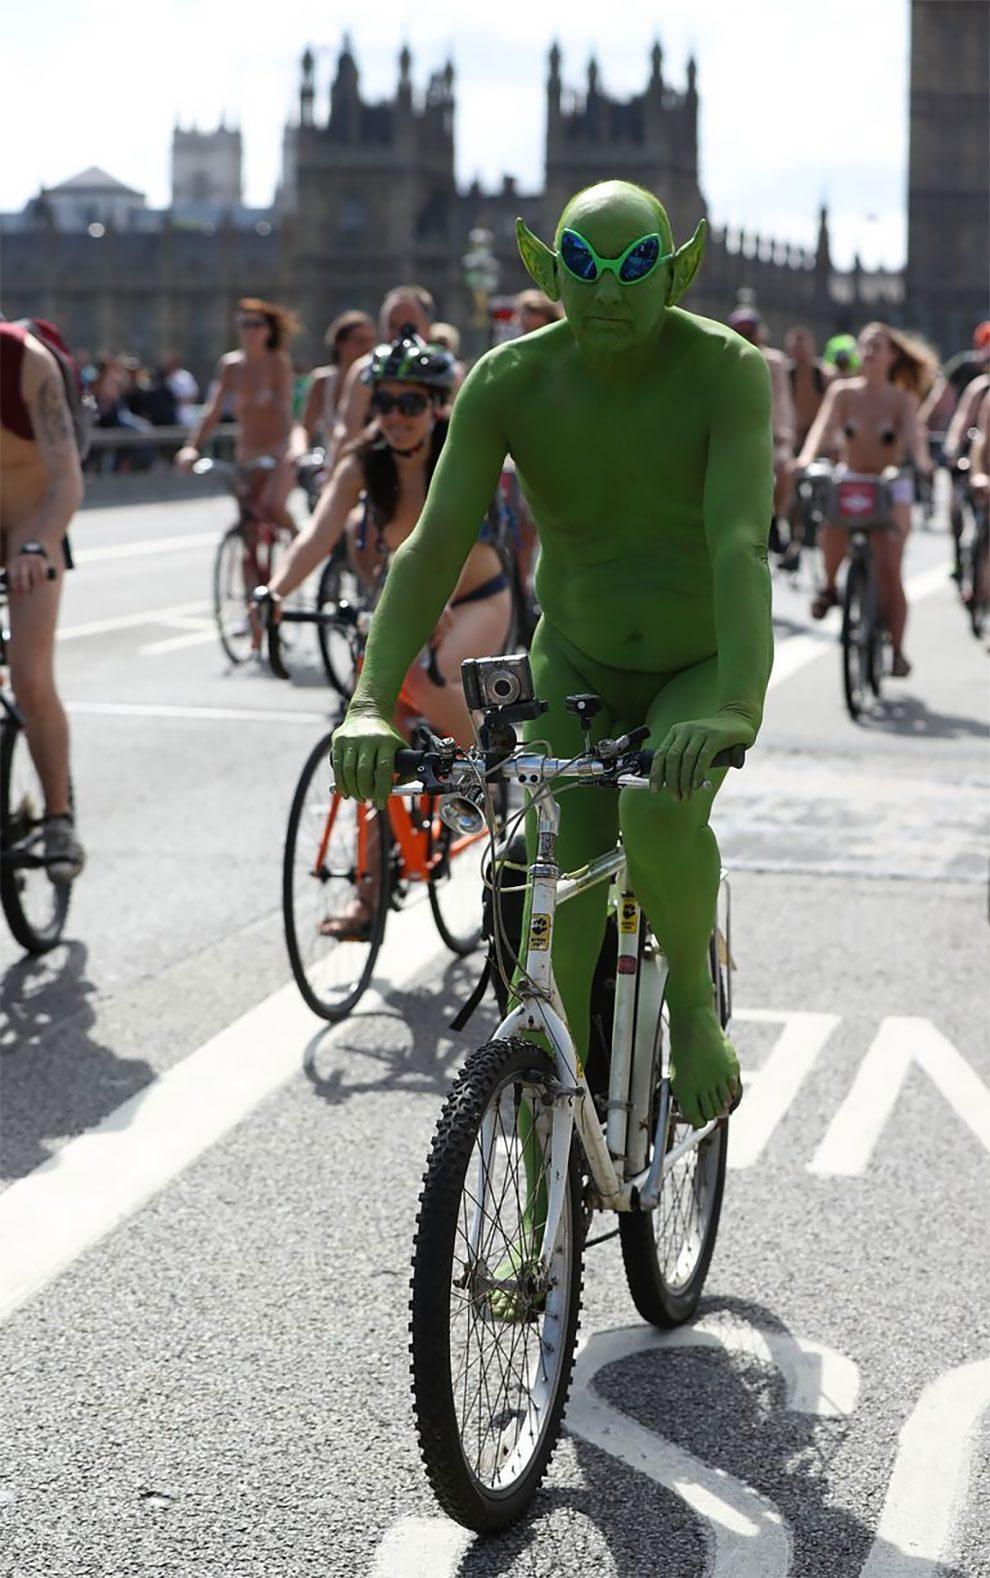 Zdjęcie uczestnika imprezy World Naked Bike Ride. Rowerzysta jest nagi i cały pomalowany zieloną farbą. Za nim widać resztę rozneglizowanych cyklistów.